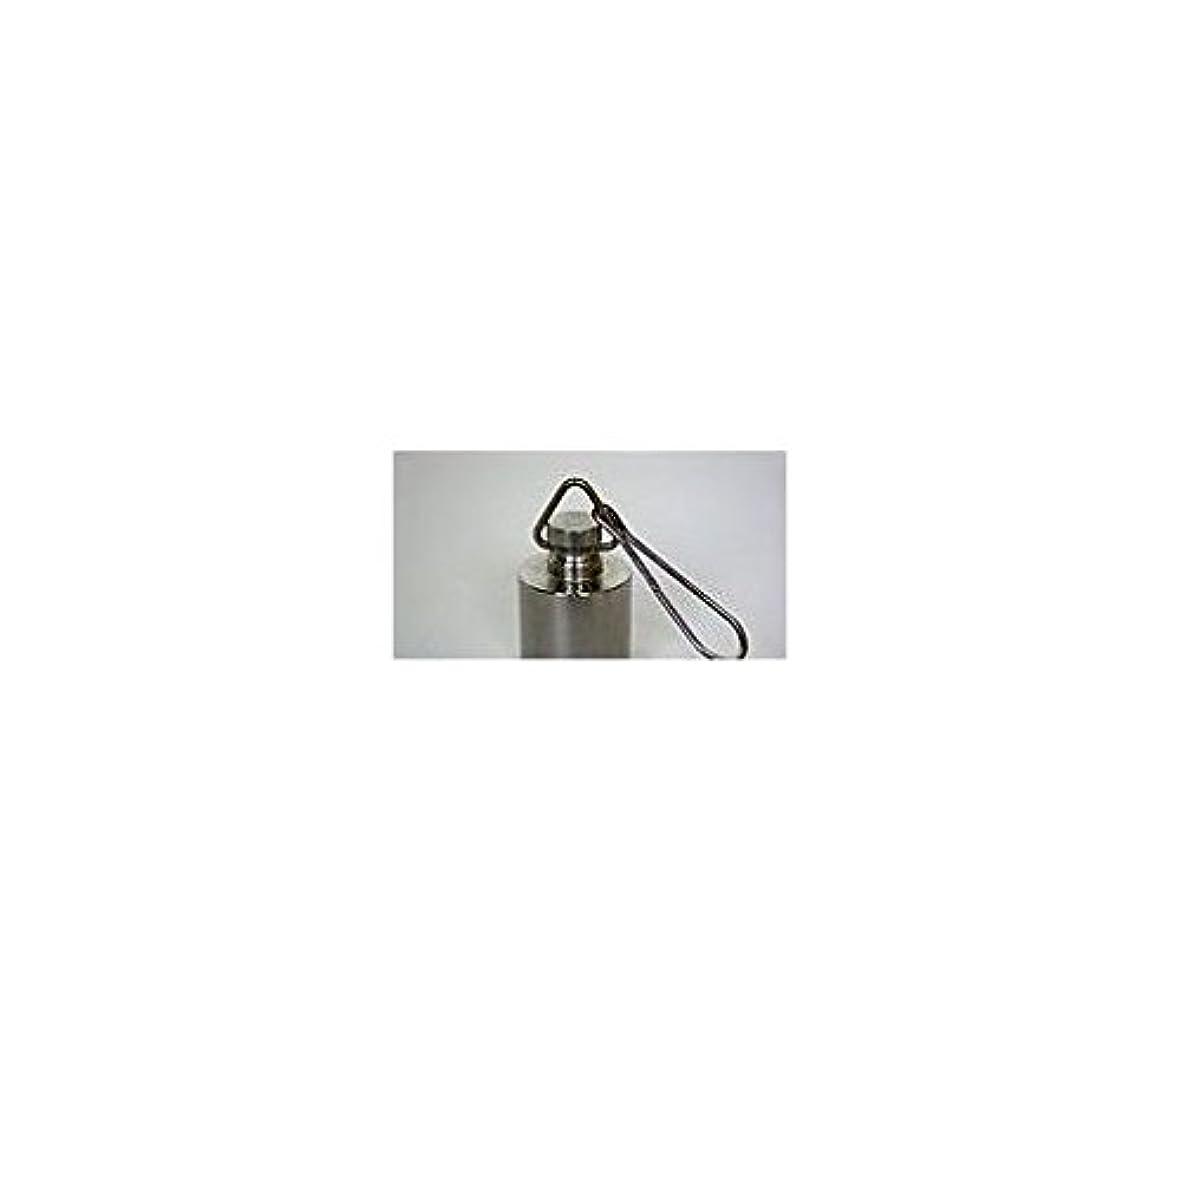 細心の酔った最大GR86092 精密分銅環付0.1Nニュートン分銅円筒型